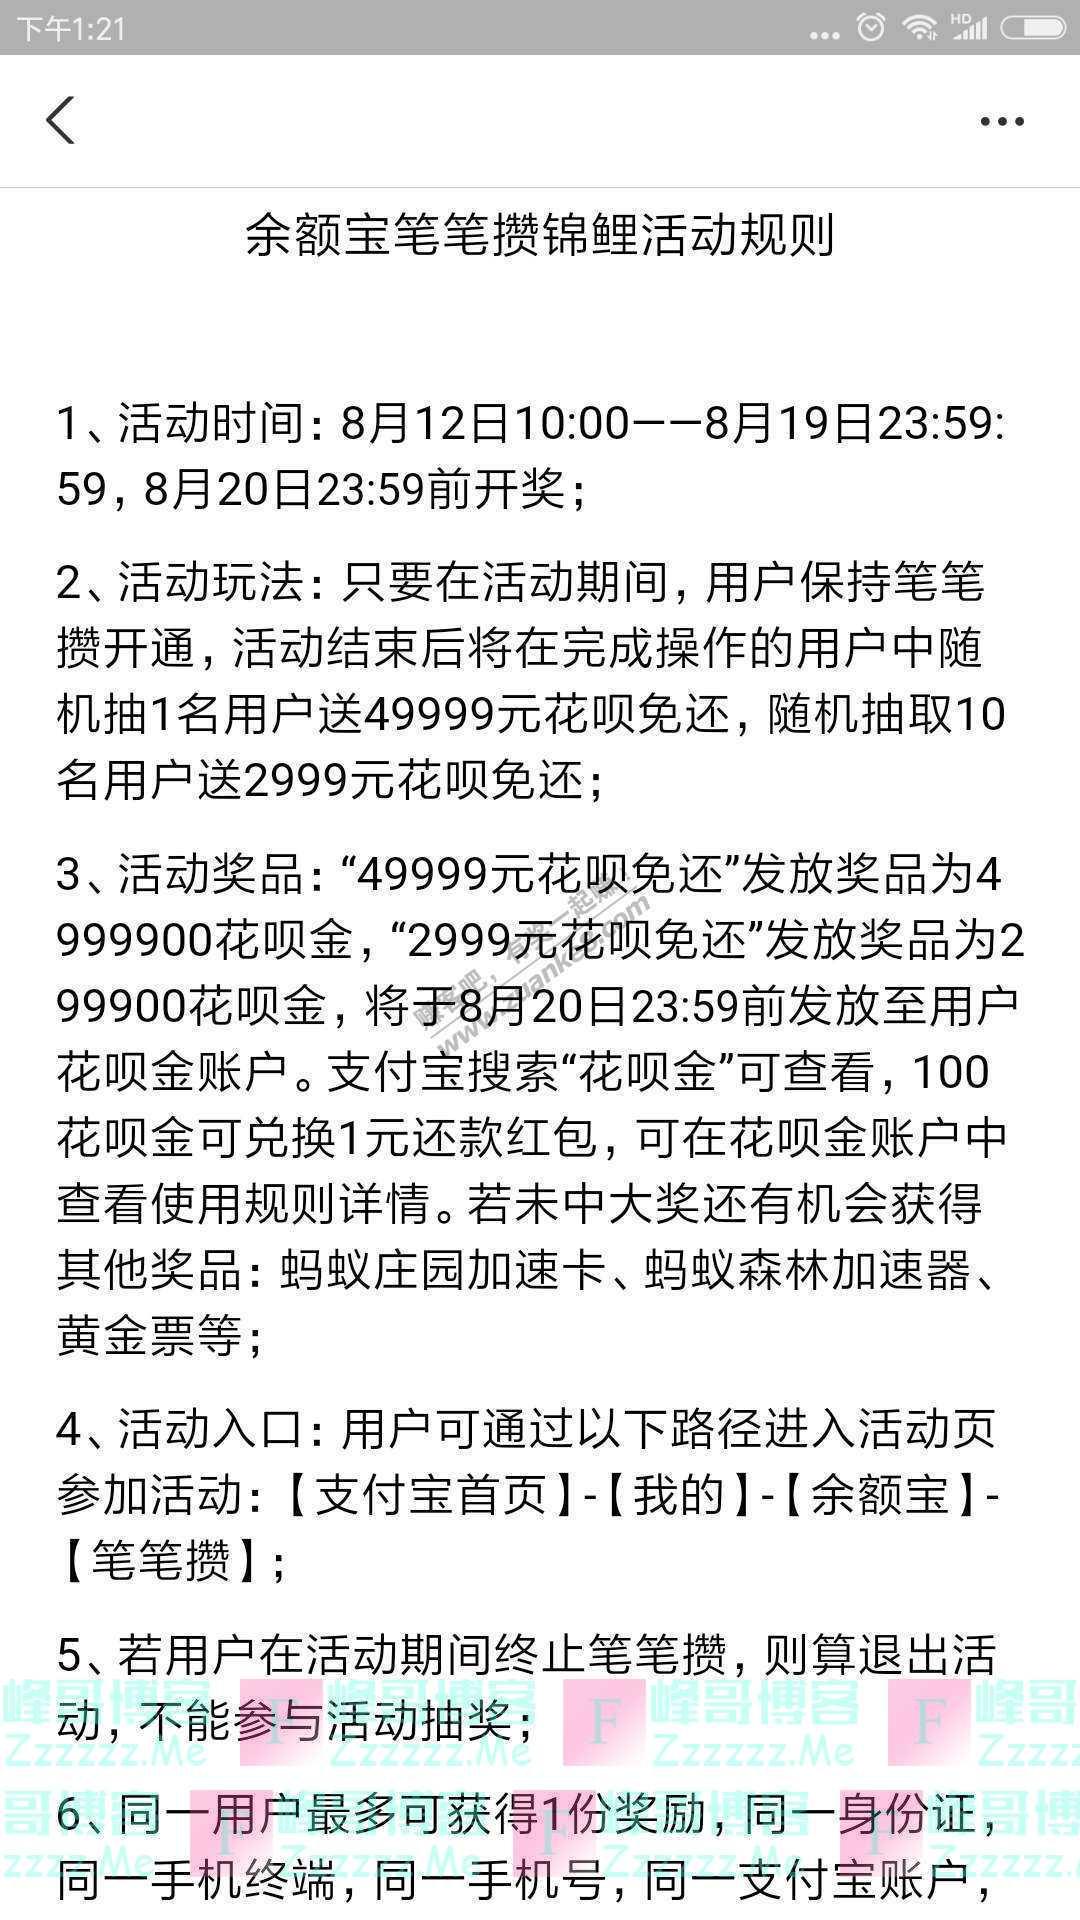 支付宝app余额宝笔笔攒锦鲤活动(截止8月19日)